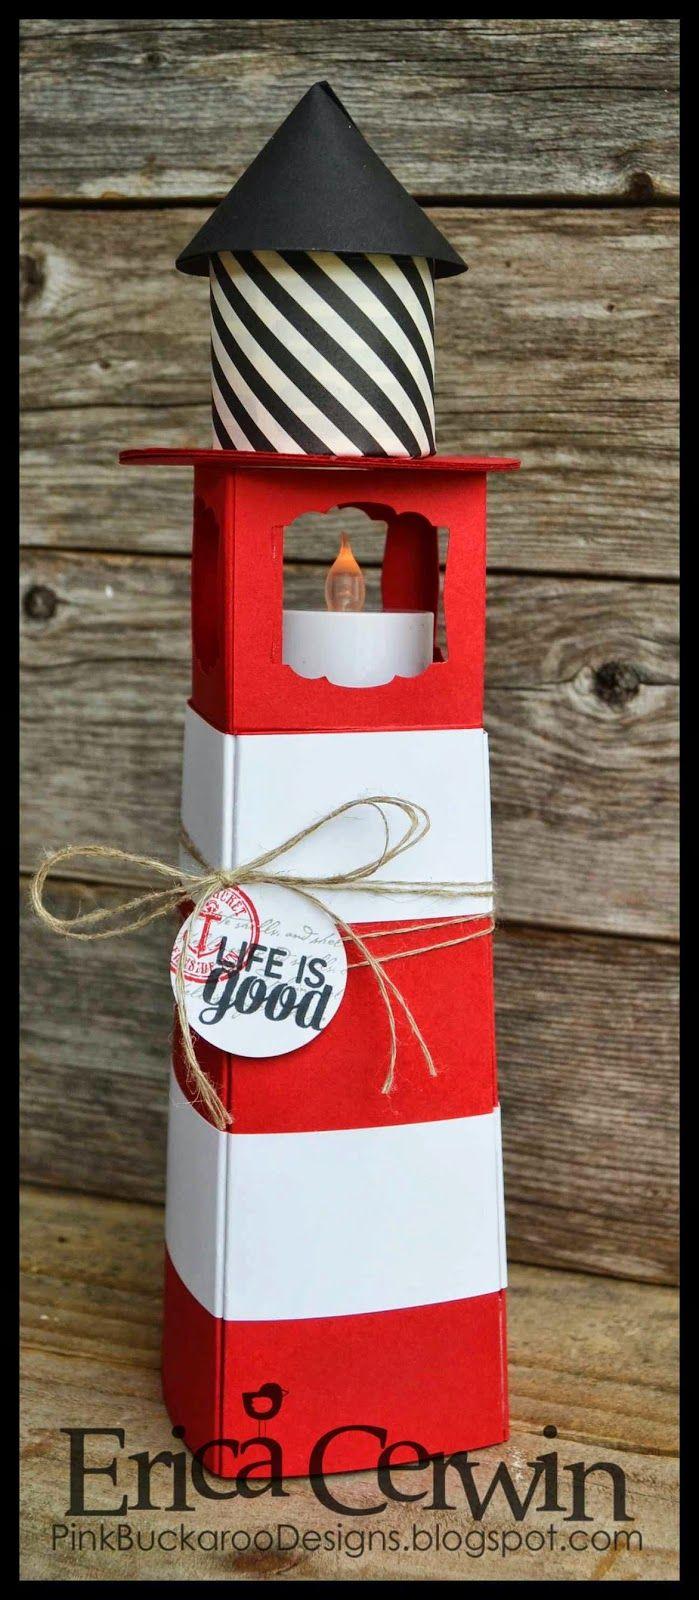 Pink Buckaroo Designs: 3D Paper Lighthouse- tutorial available. http://pinkbuckaroodesigns.blogspot.com/2014/06/3d-paper-lighthouse.html